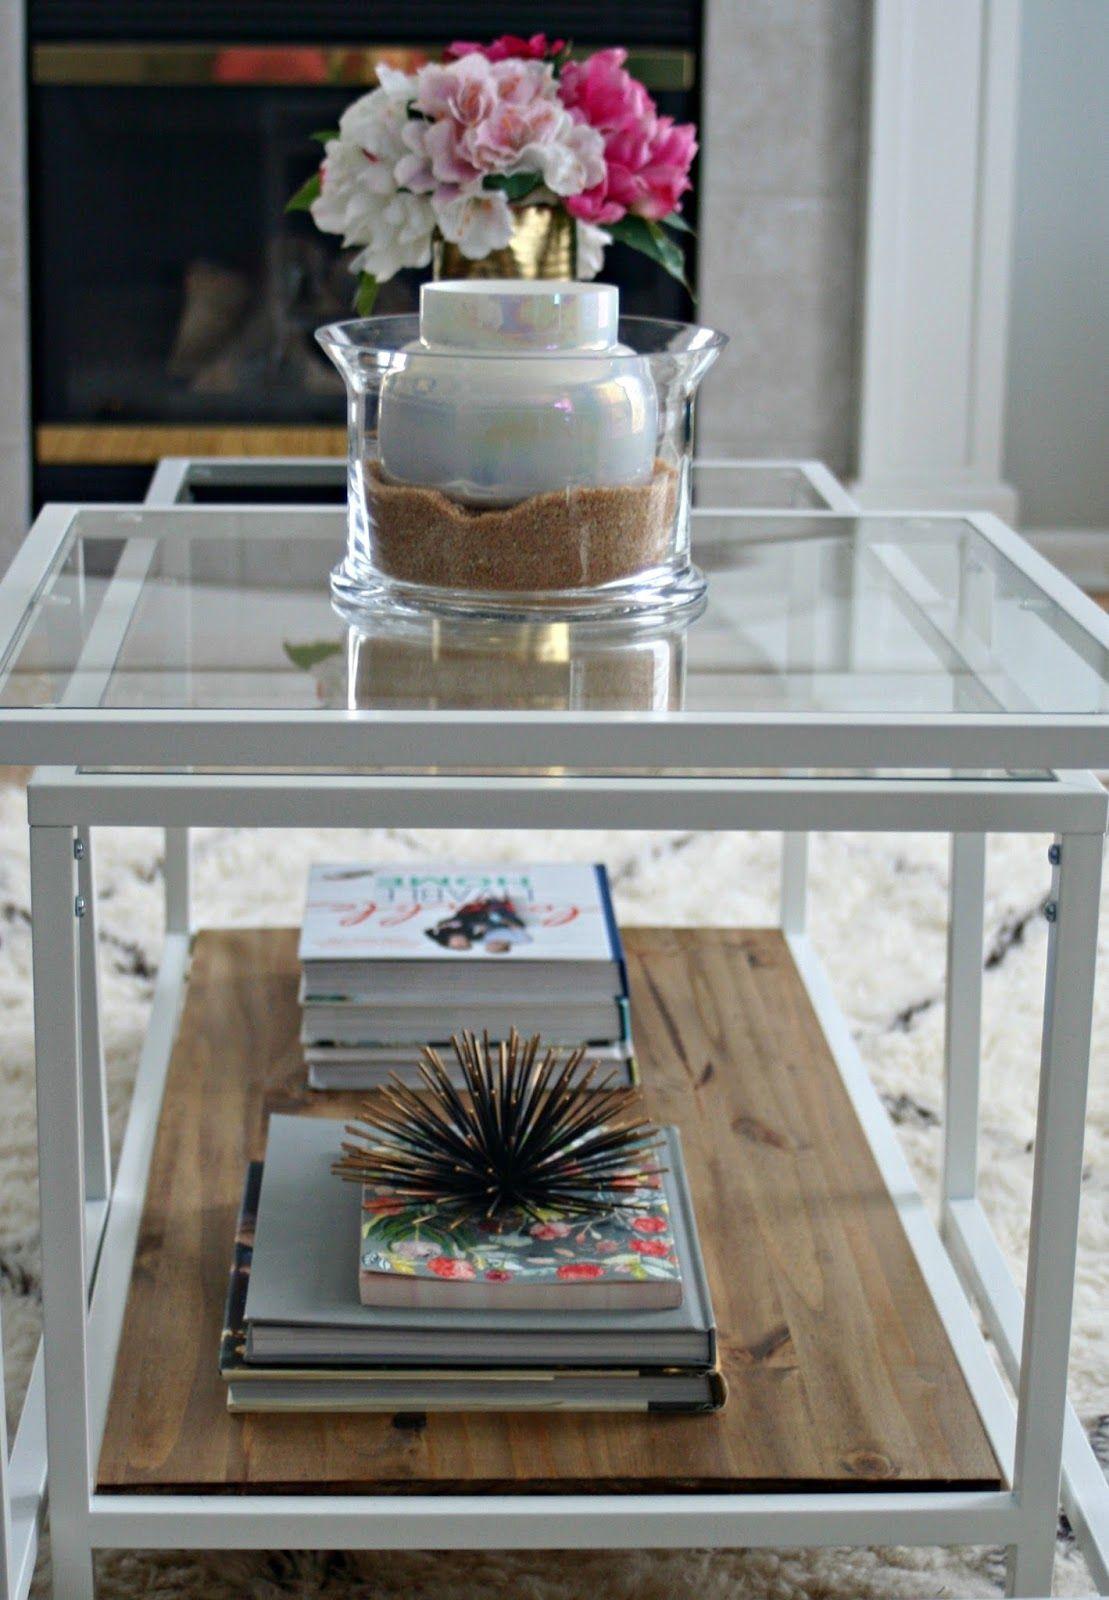 Img 2641 Jpg 1109 1600 Ikea Couchtisch Wohnzimmertische Couchtisch